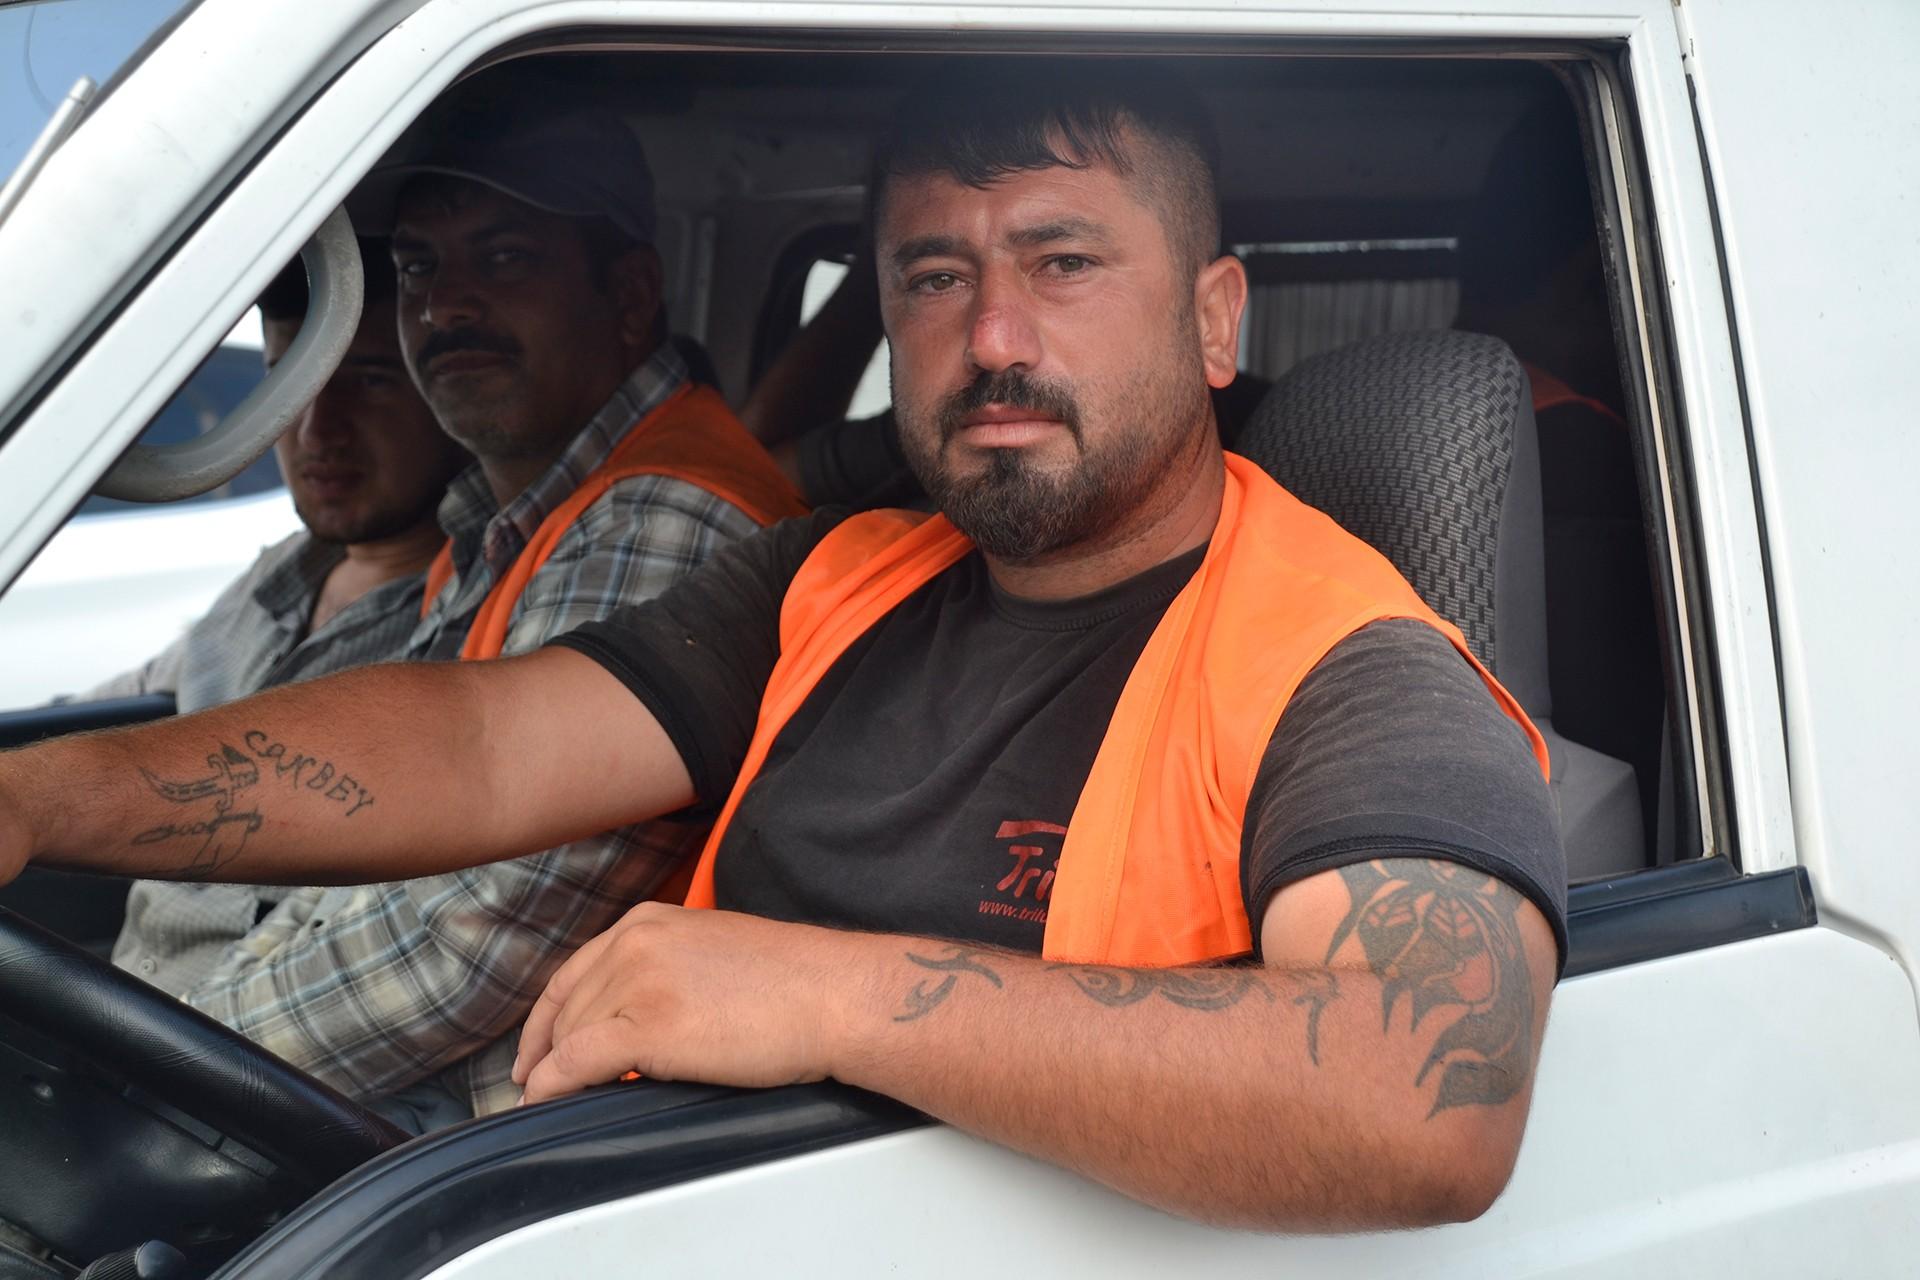 Adana'da röportaj yaptığımız Recep Aslan isimli yurttaş.